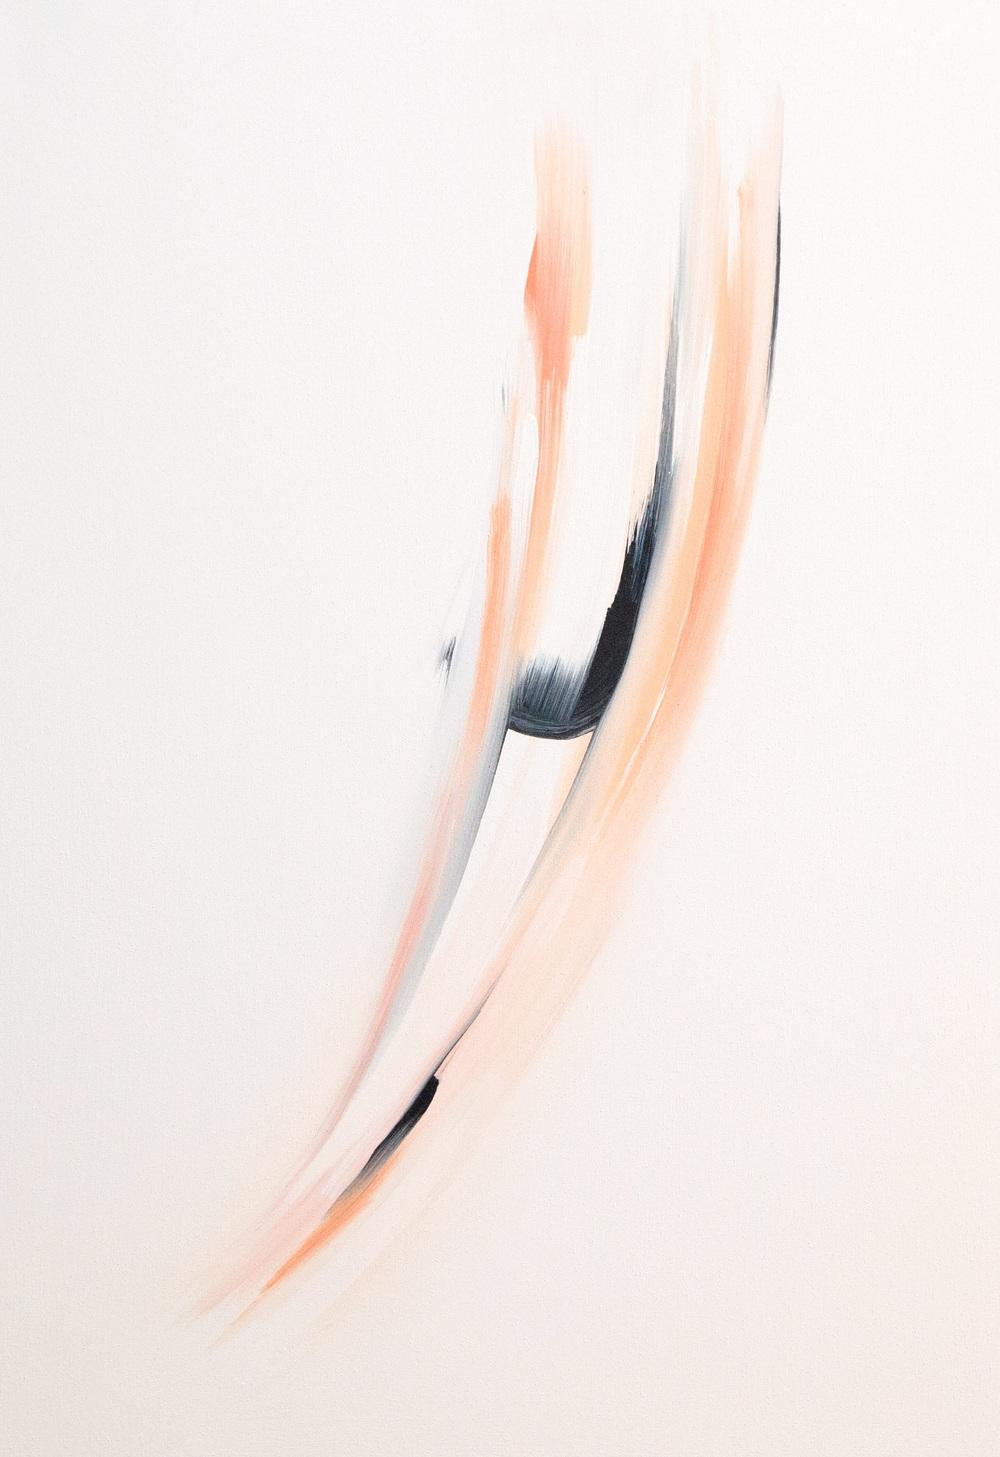 UW IV 1 2011 - olio su tela - cm.100x70